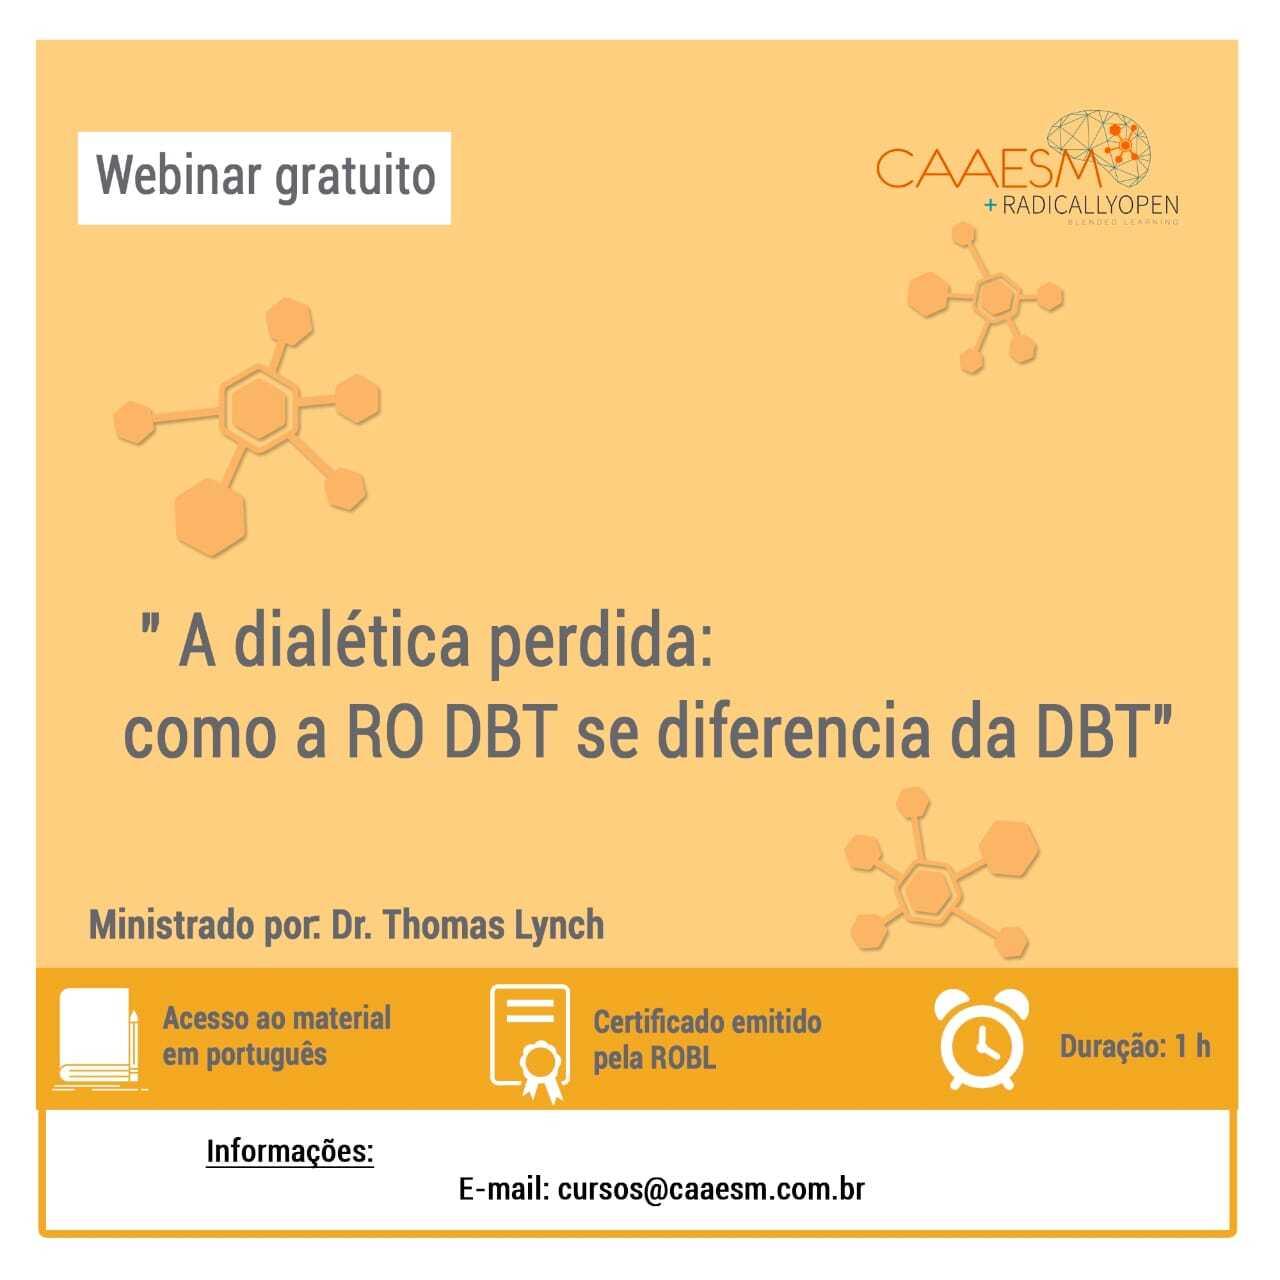 Como a RO DBT se diferencia da DBT